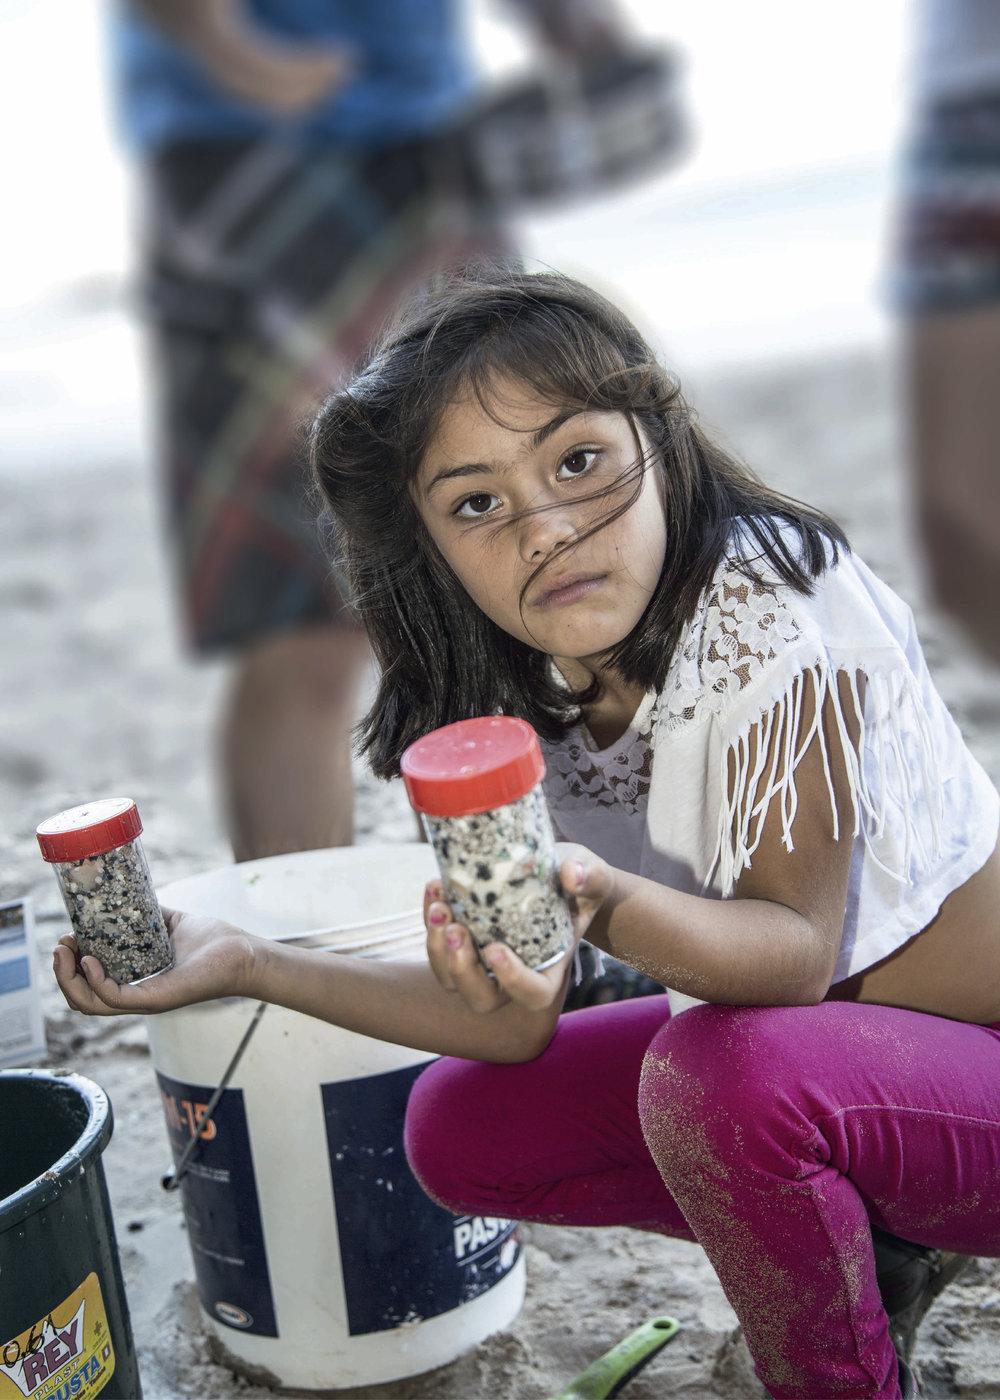 © Peter Charaf / raceforwater.org